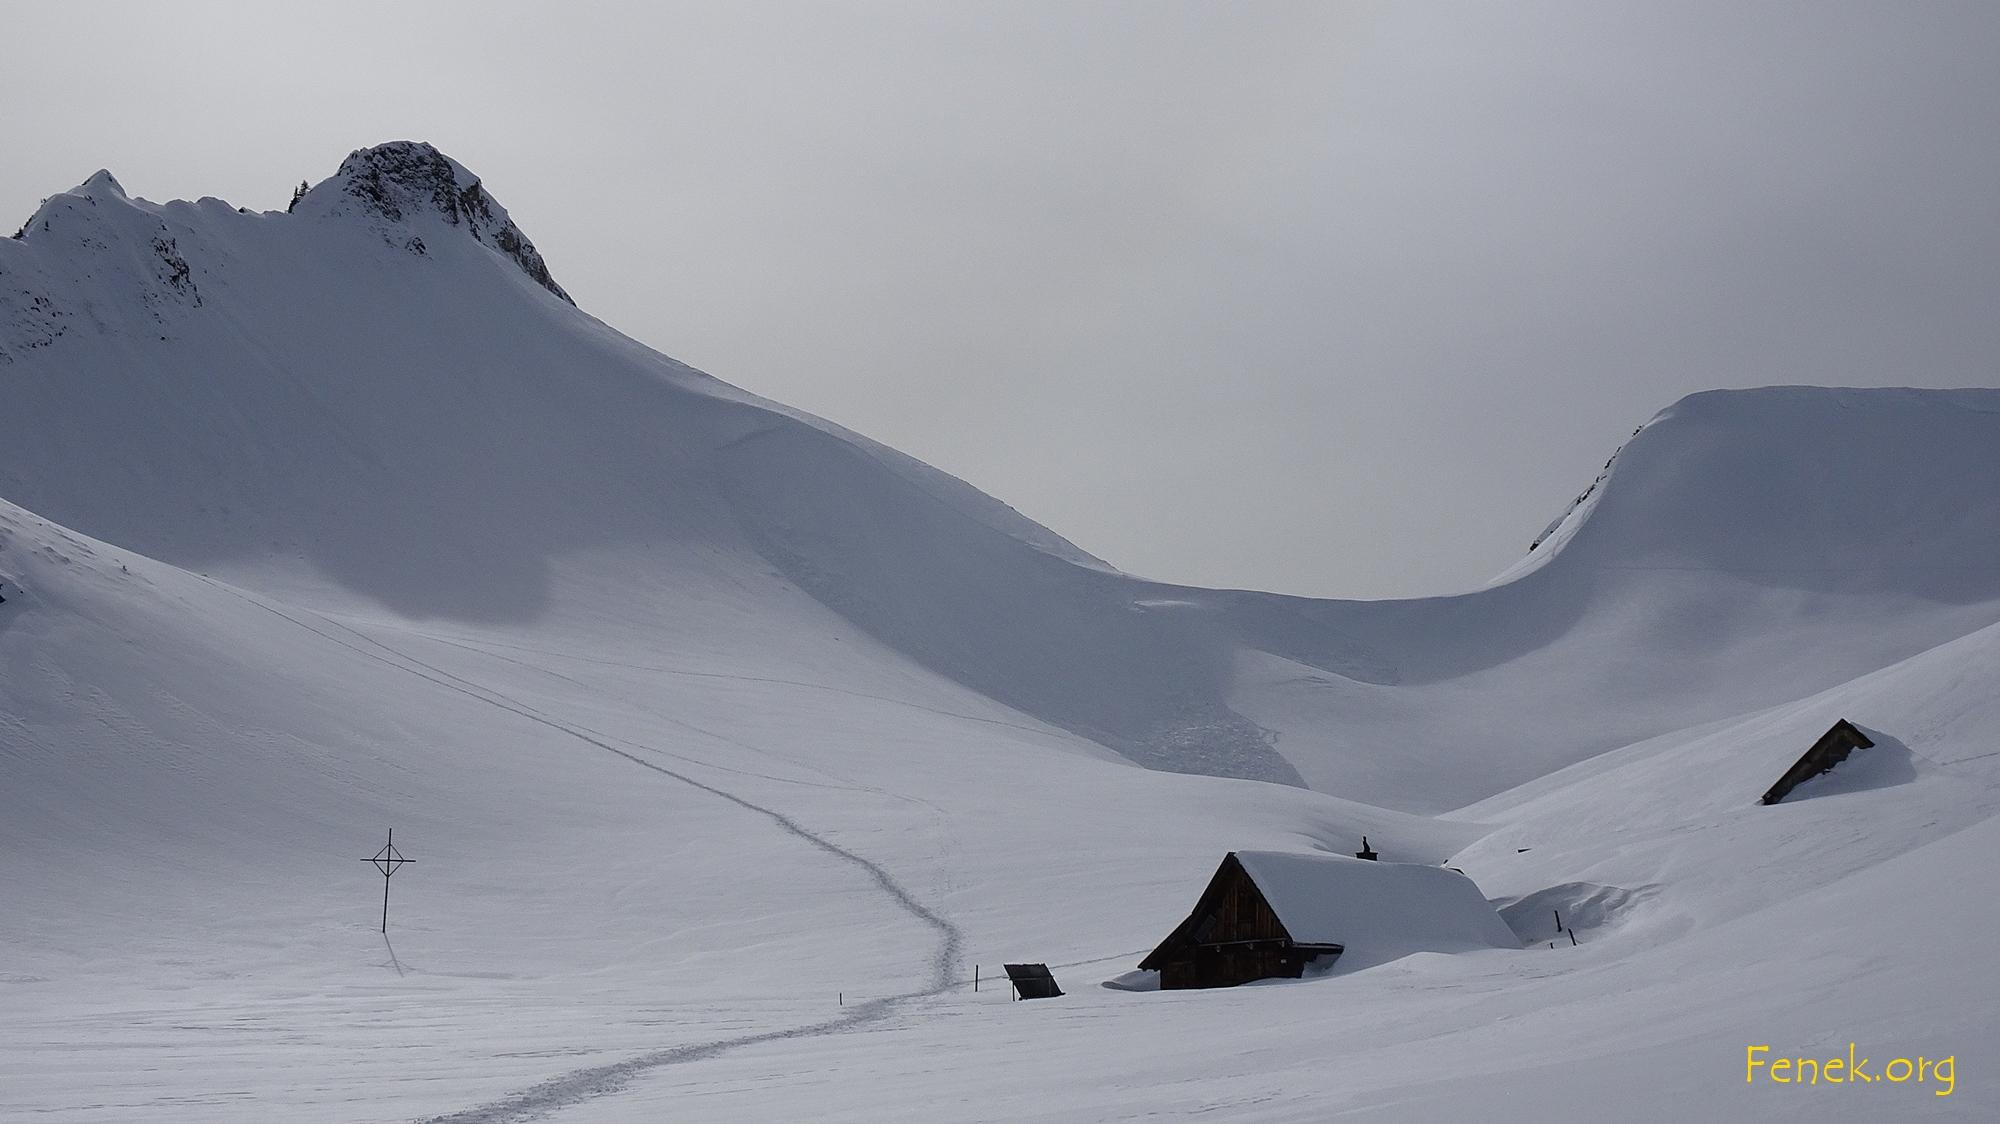 das ausgelöste Schneebrett